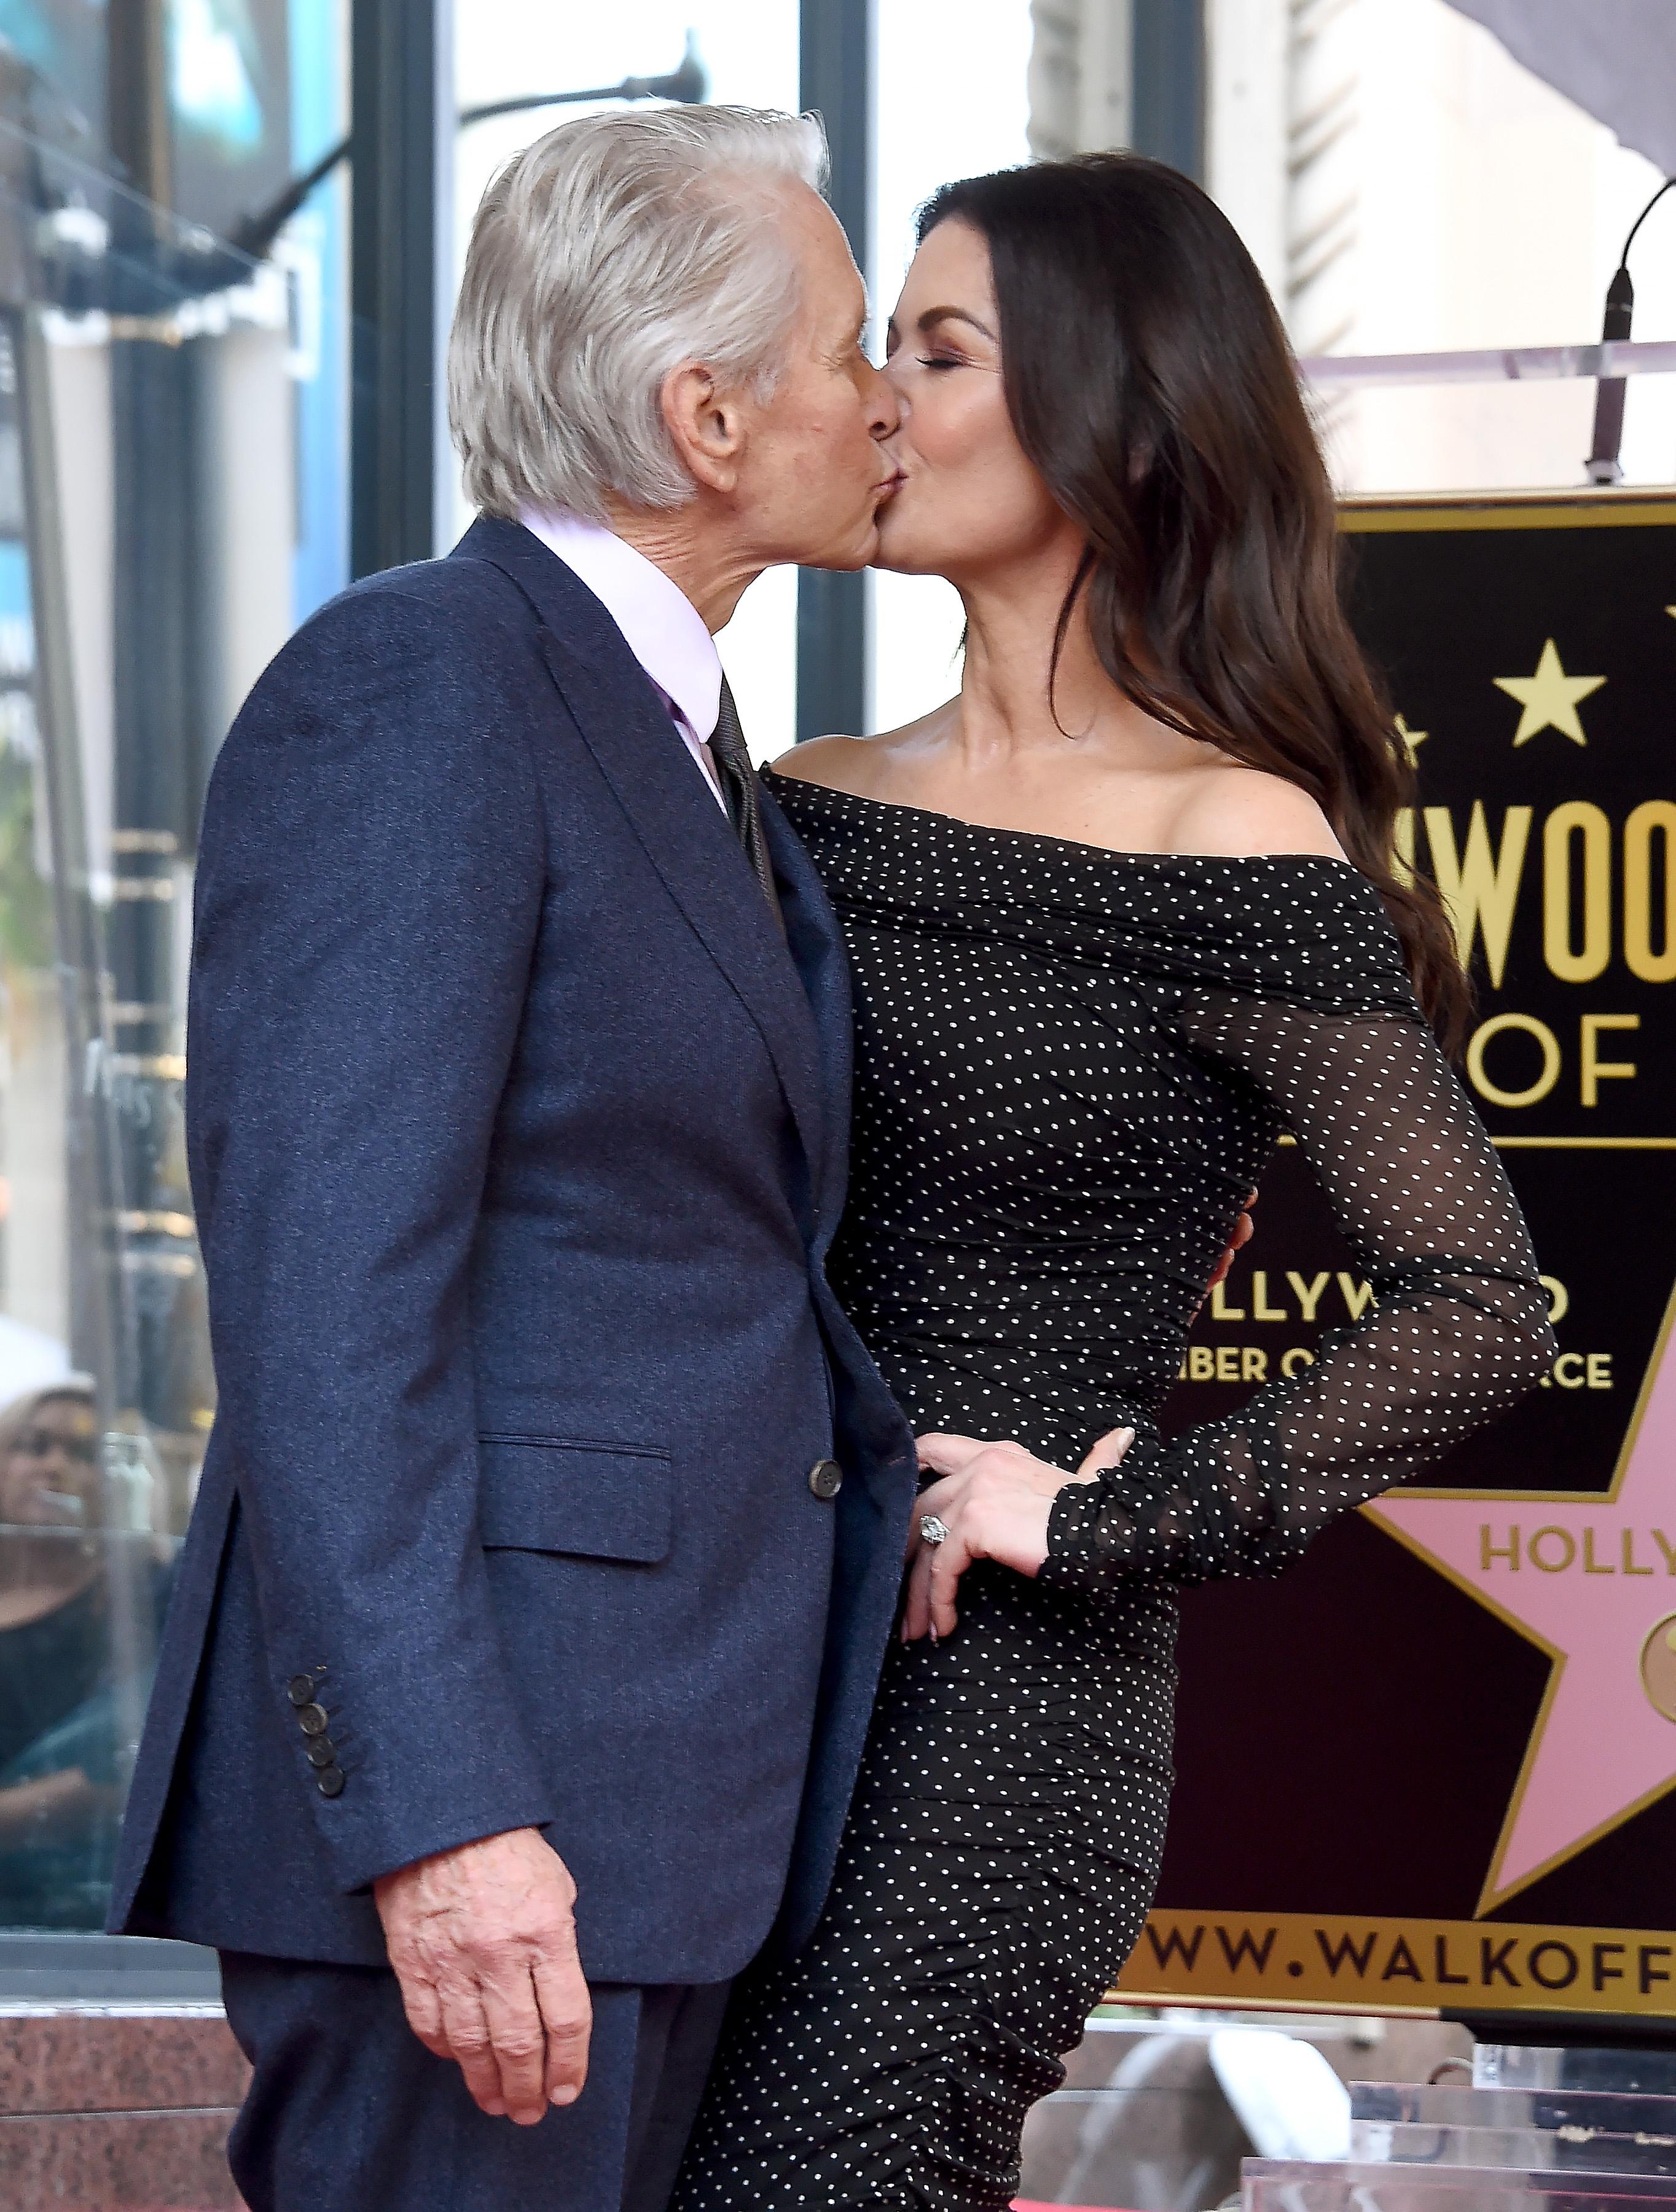 Американският актьор Майкъл Дъглас беше удостоен със звезда на Алеята на славата в Холивуд, която ознаменува 50-годишното му присъствие в шоубизнеса.